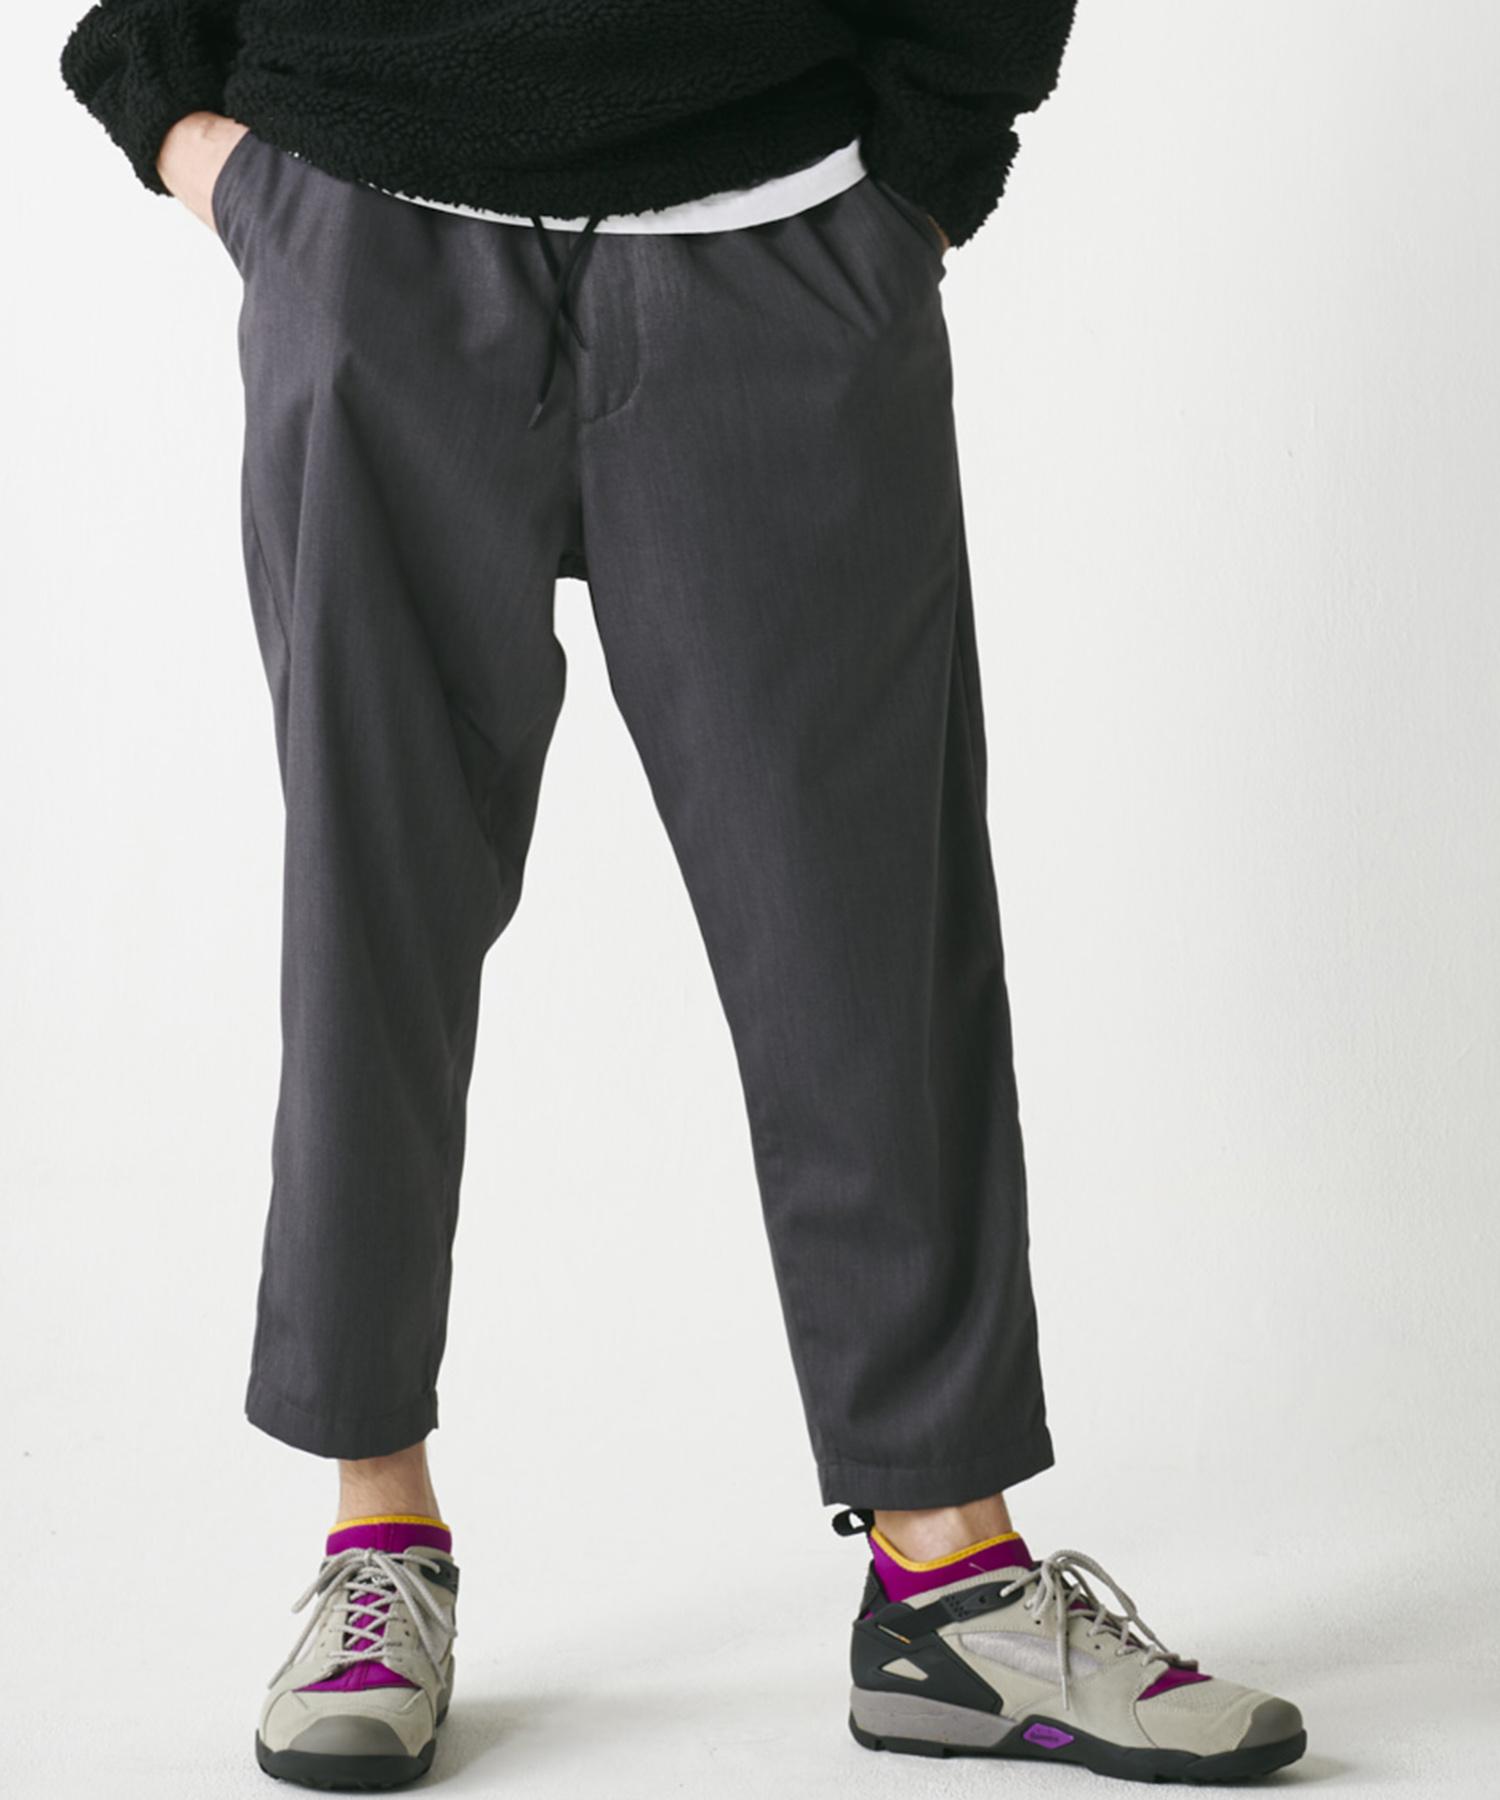 アメリカンラグシー AMERICAN RAG CIE / TRワイドパンツ TR Wide Pants